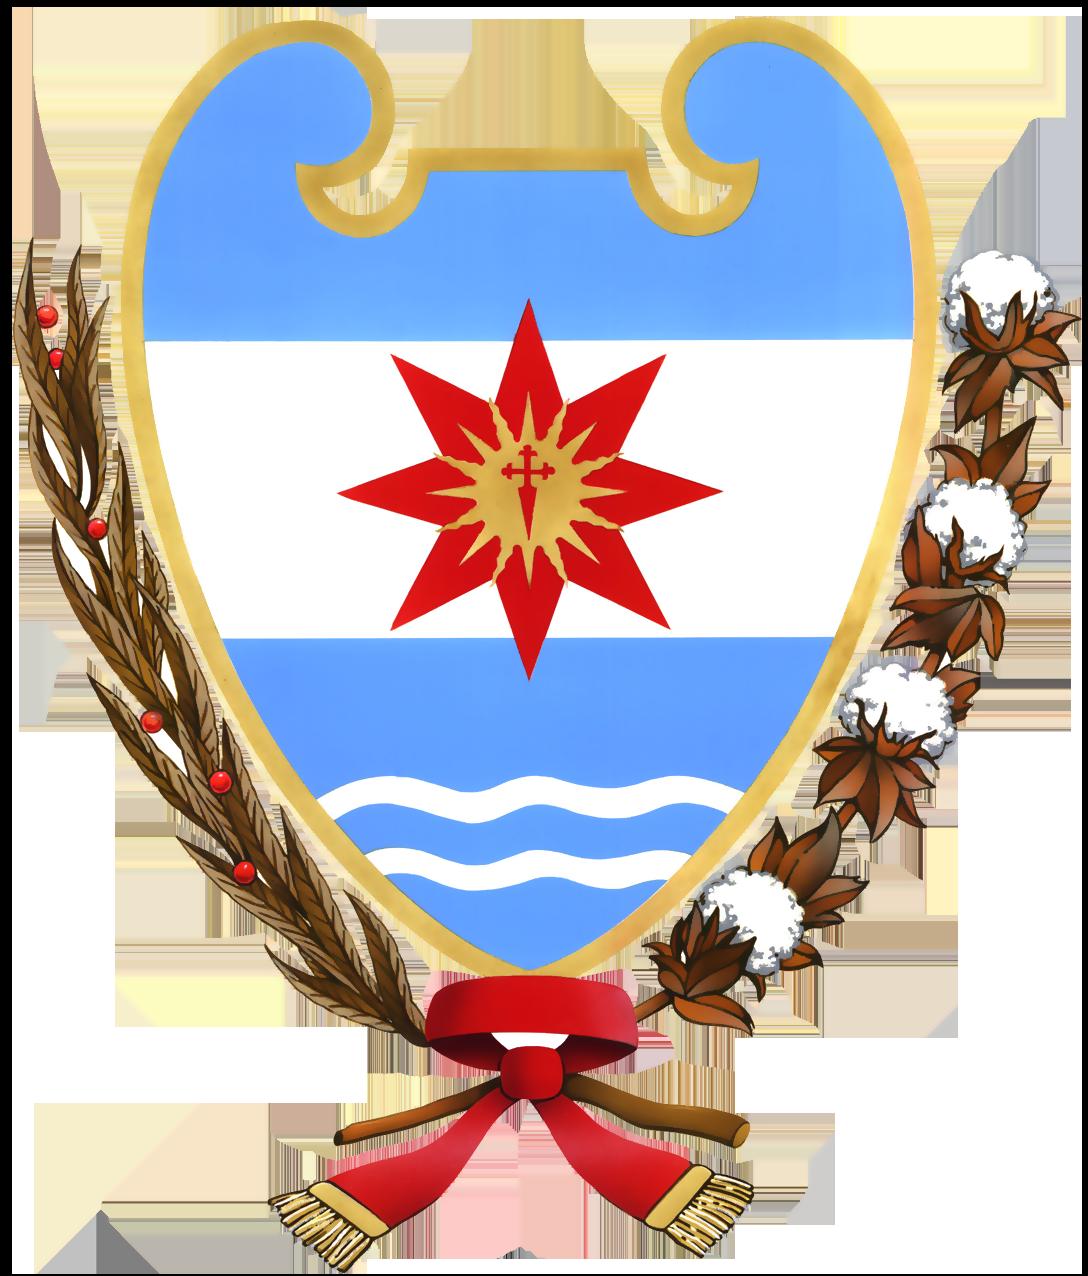 http://upload.wikimedia.org/wikipedia/commons/archive/6/66/20090421230247!Escudo_de_la_Provincia_de_Santiago_del_Estero.png